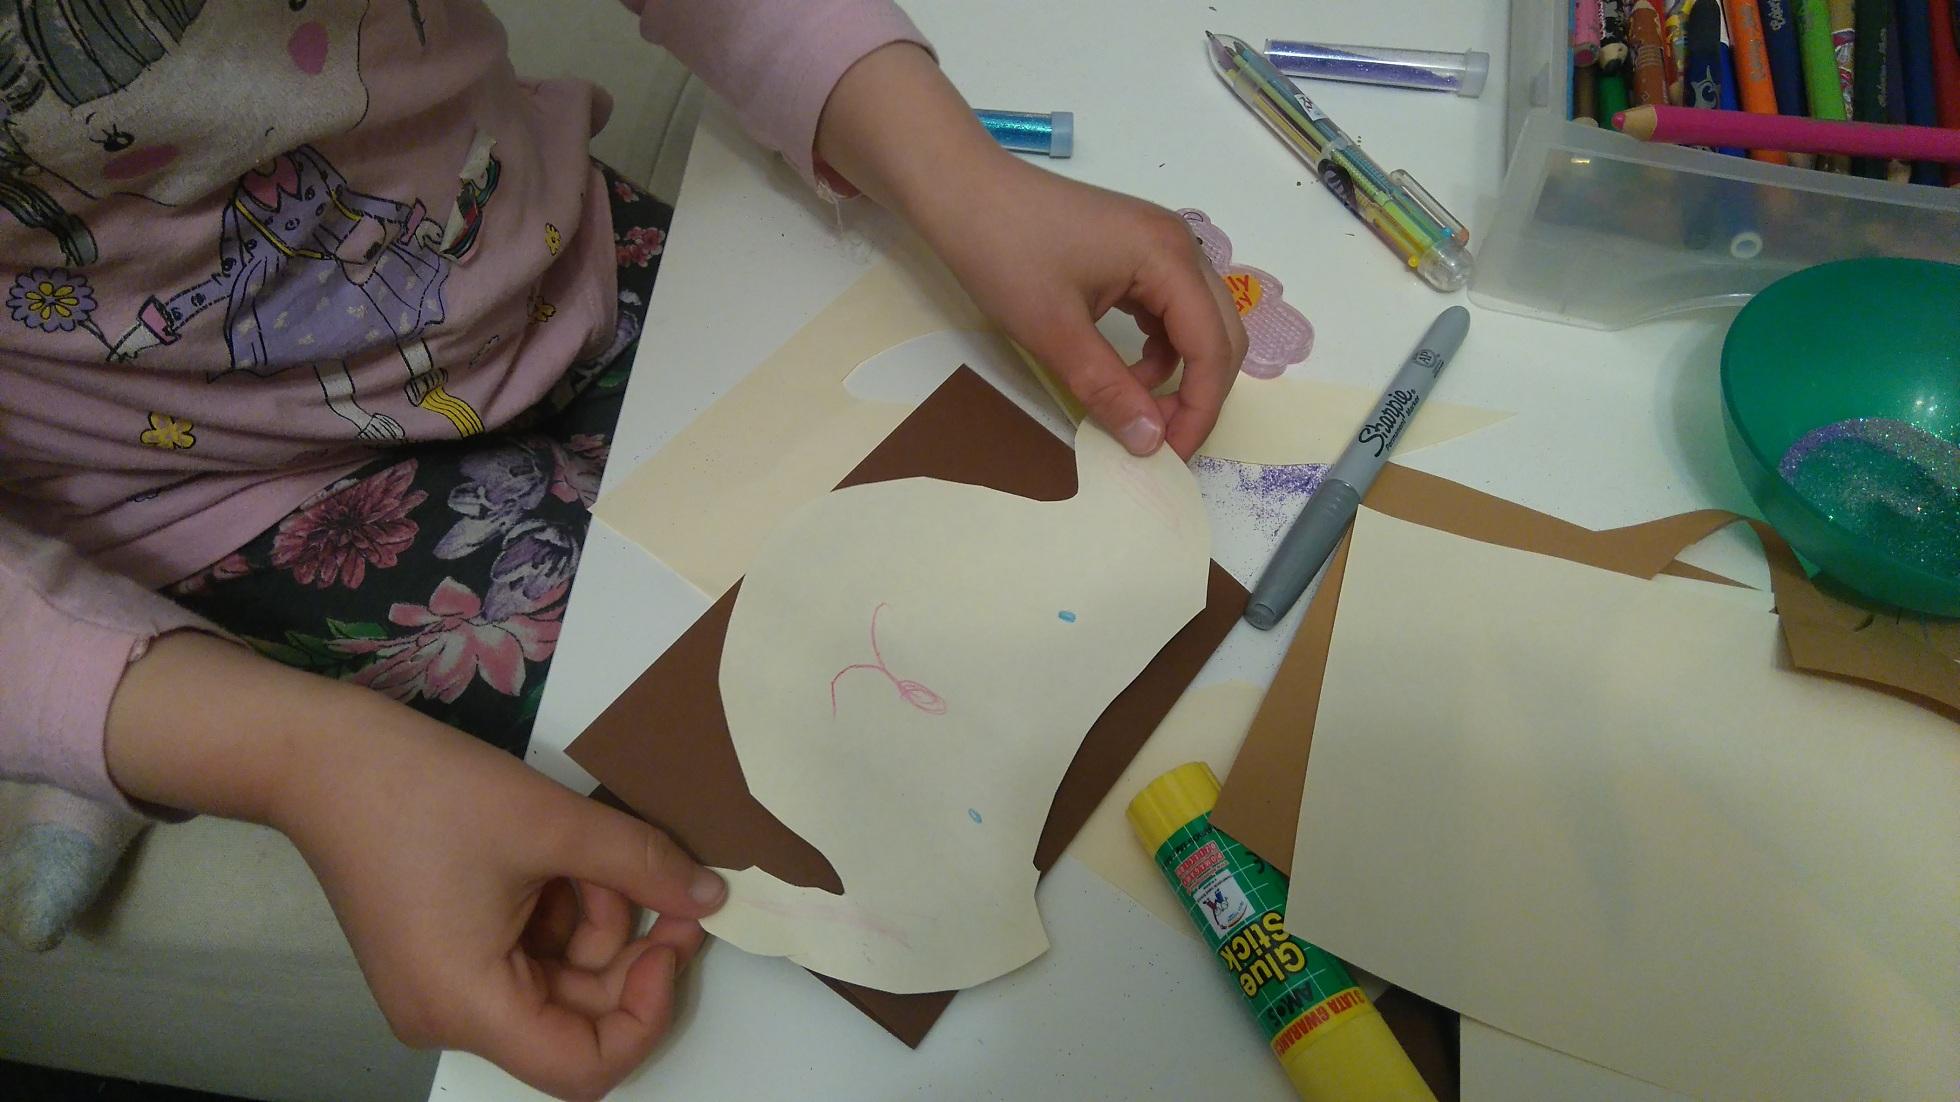 dziecko przykleja papierową głowę pieska do brazowego brystolu, wokoło akcesoria: klej, flamaster, dlugopis